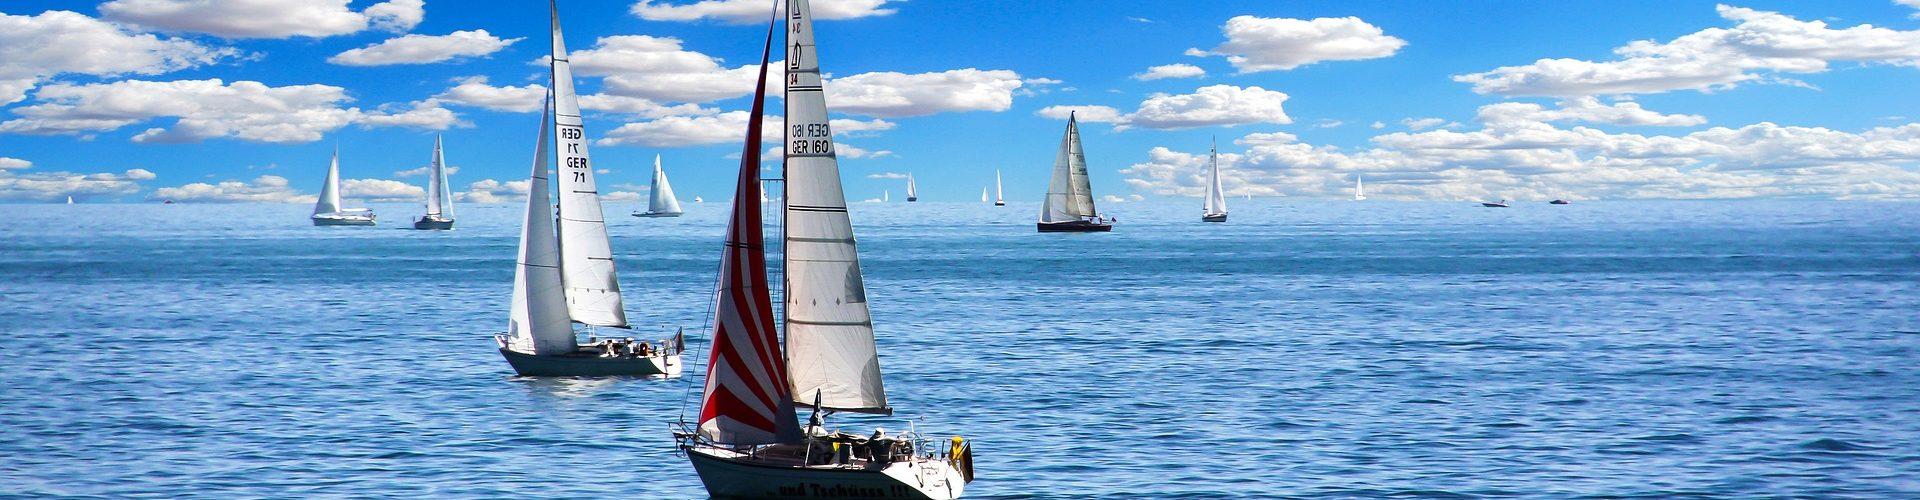 segeln lernen in Bad Staffelstein segelschein machen in Bad Staffelstein 1920x500 - Segeln lernen in Bad Staffelstein